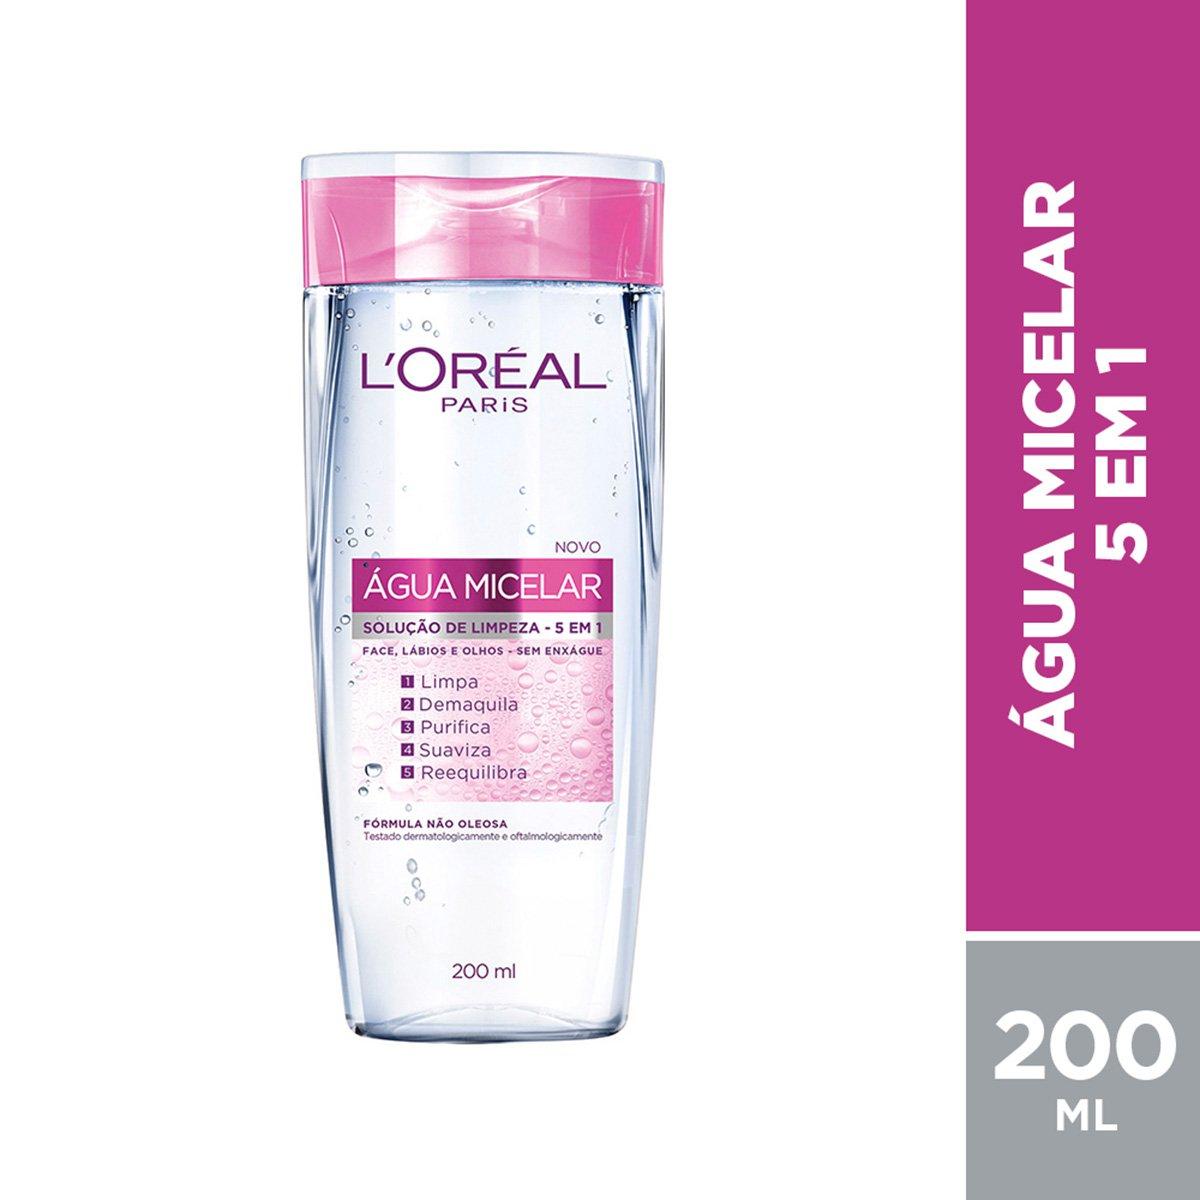 Água Micelar Solução de Limpeza 5 em 1 L'Oréal Paris - 200ml